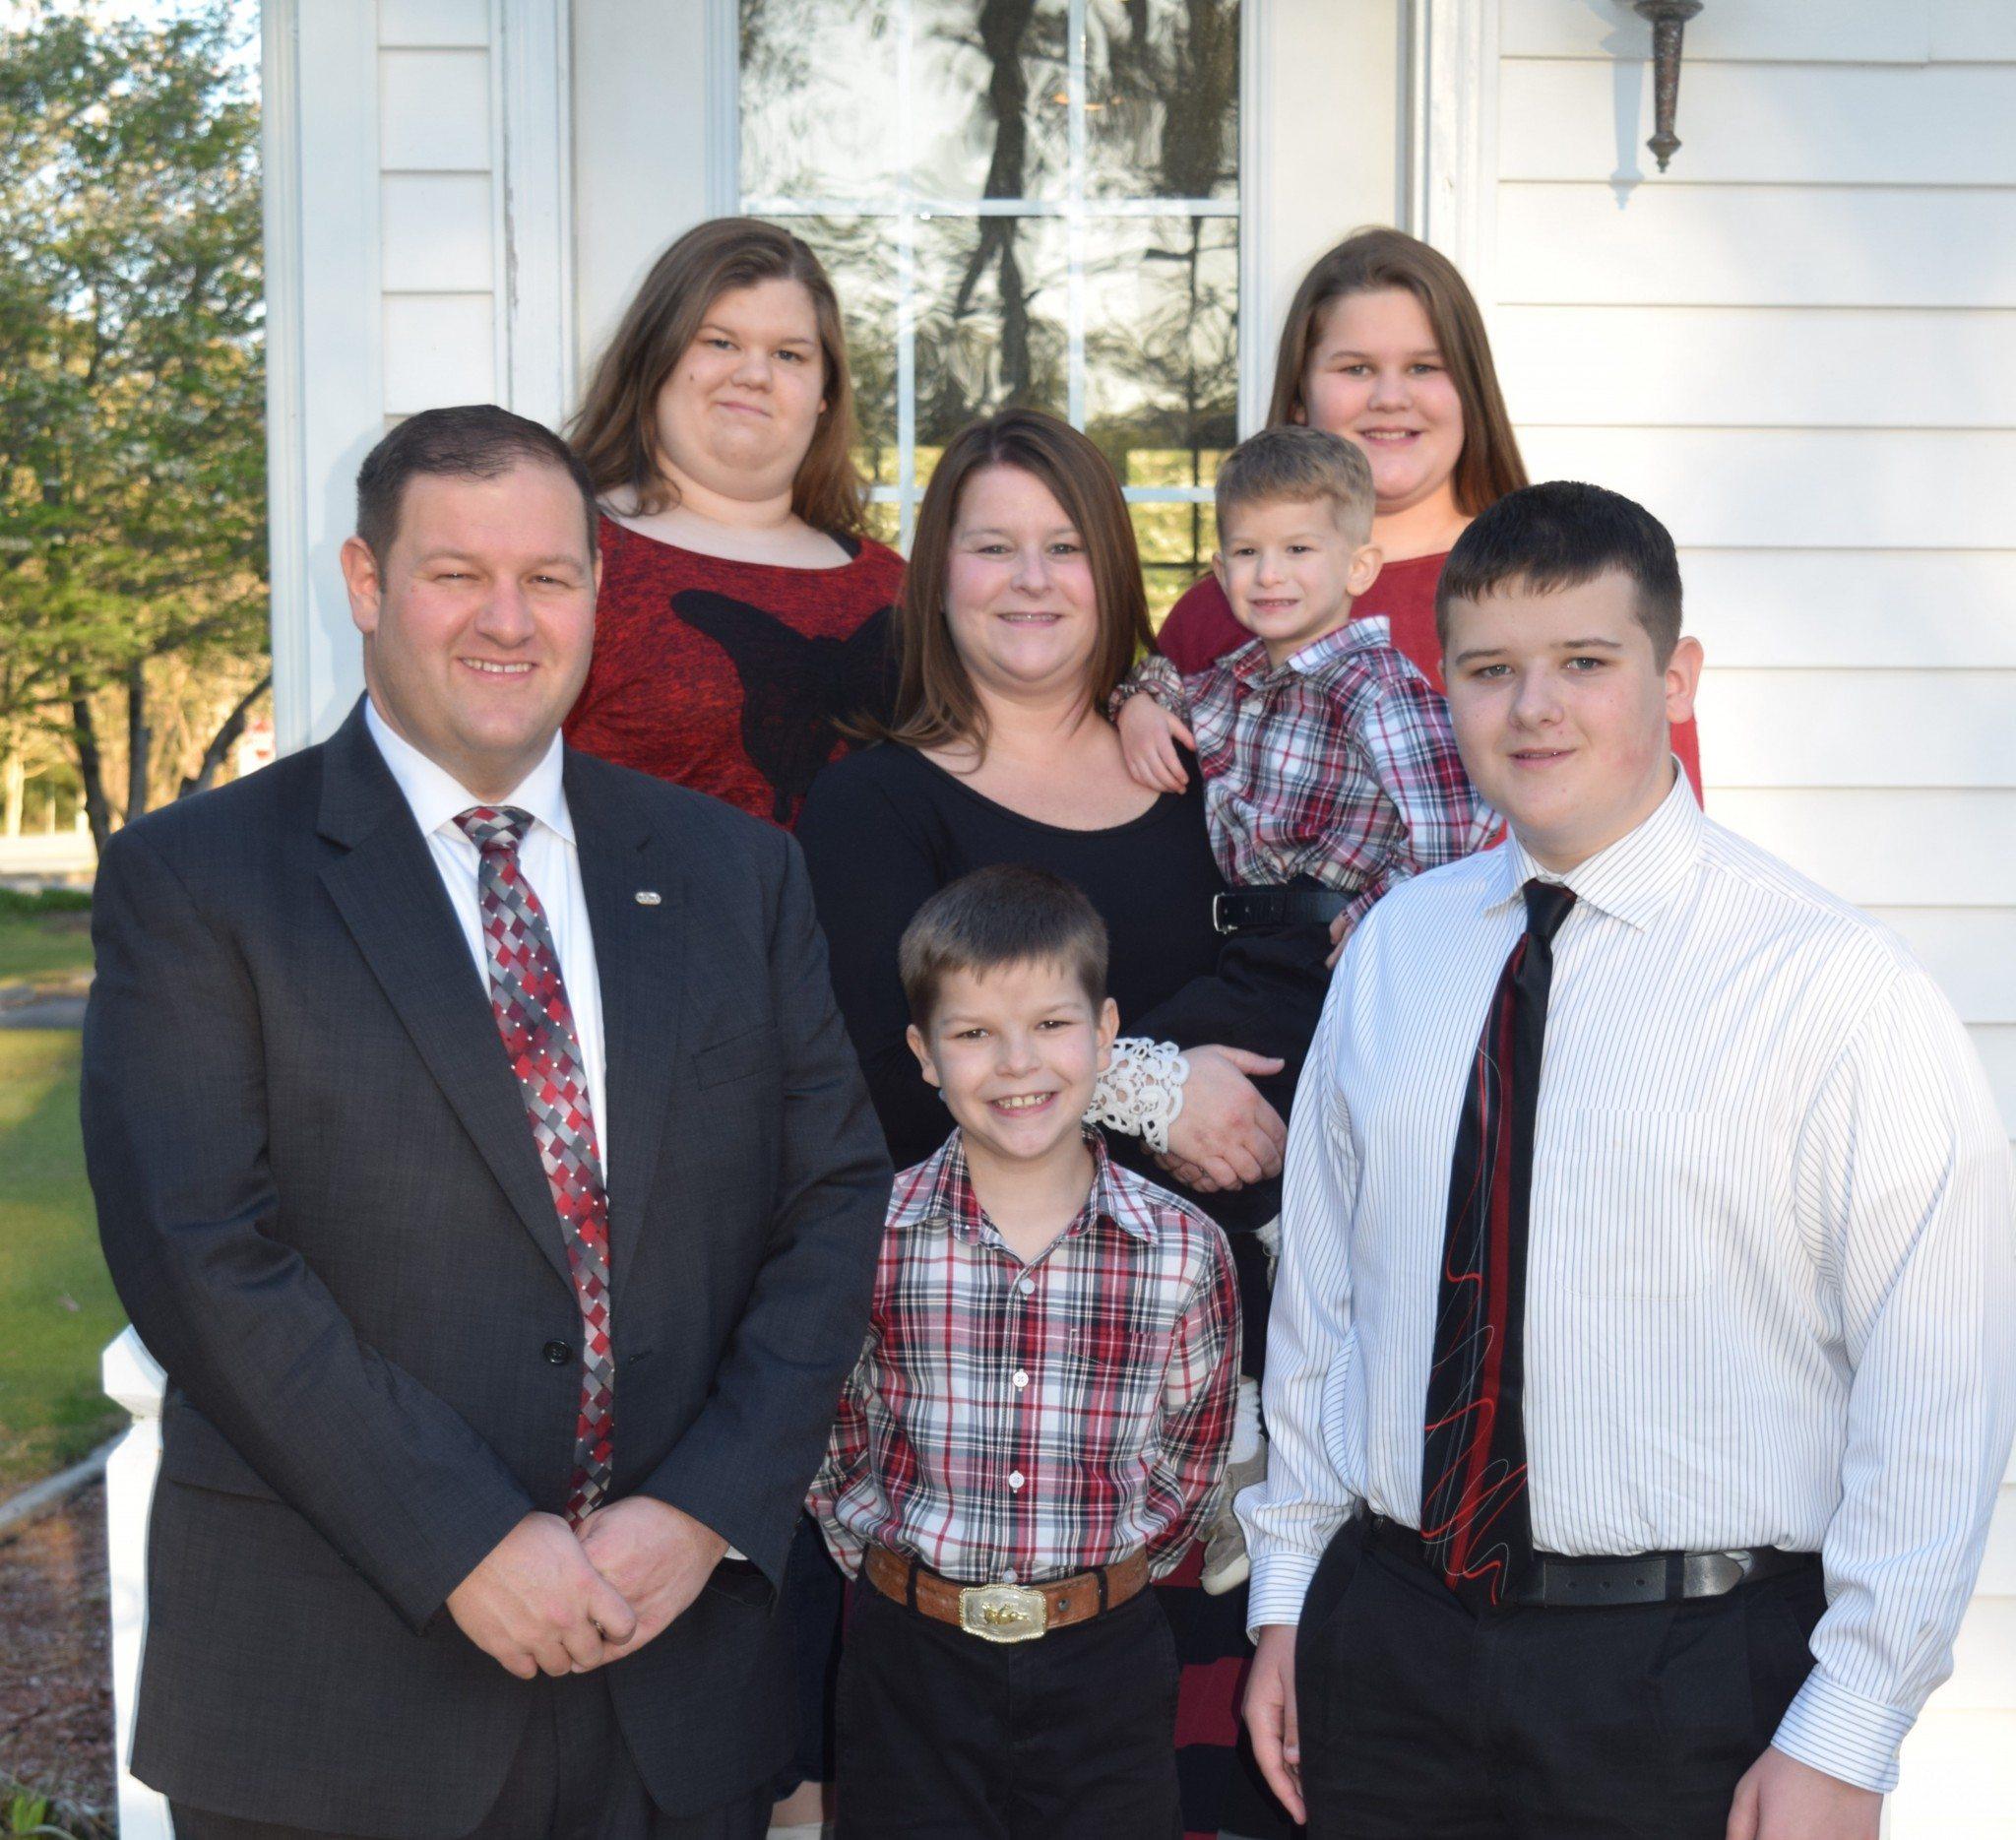 Weber Family Photo